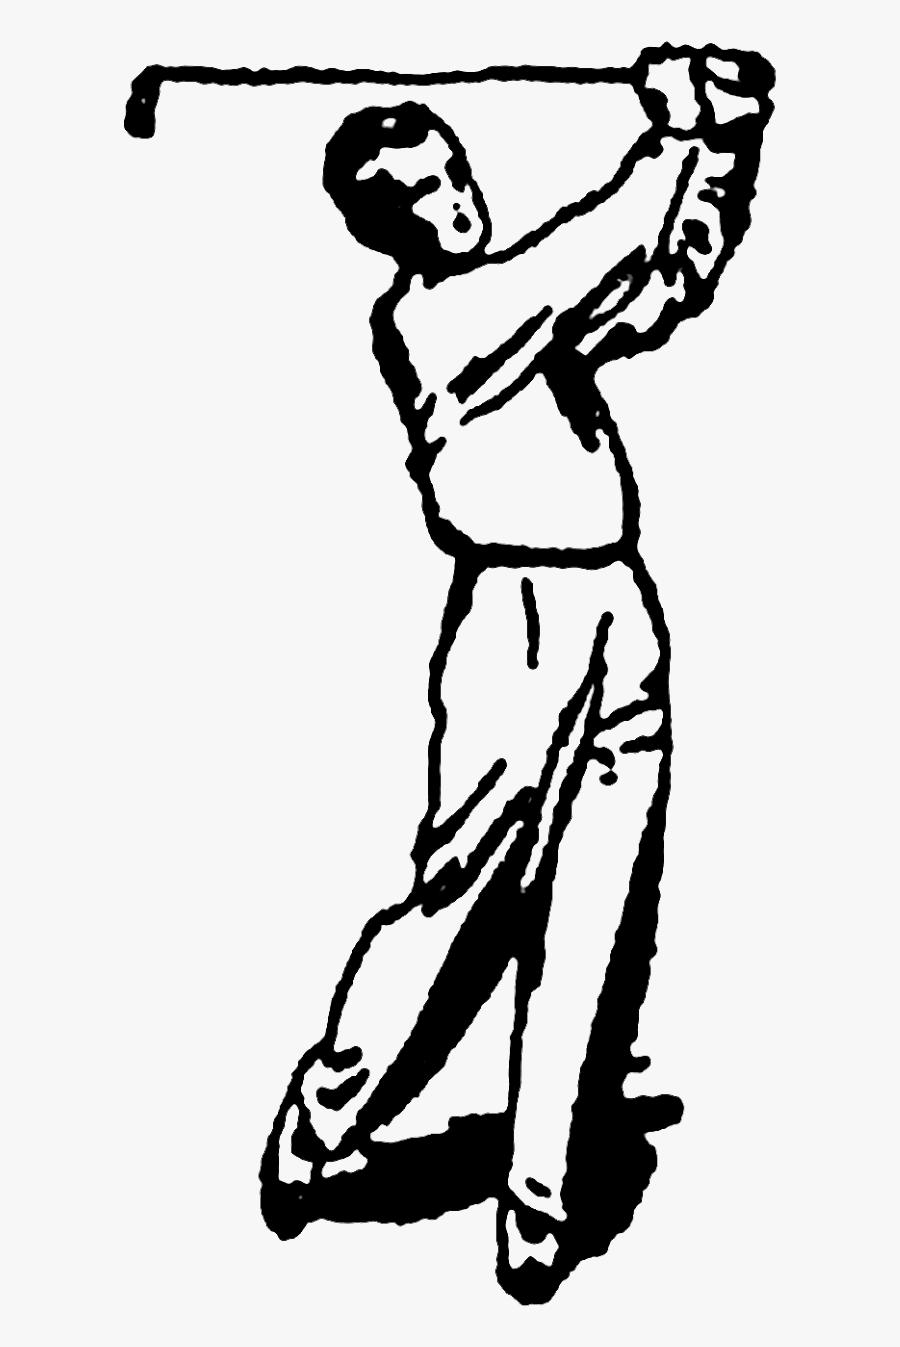 Vintage Golfing Illustration, Transparent Clipart